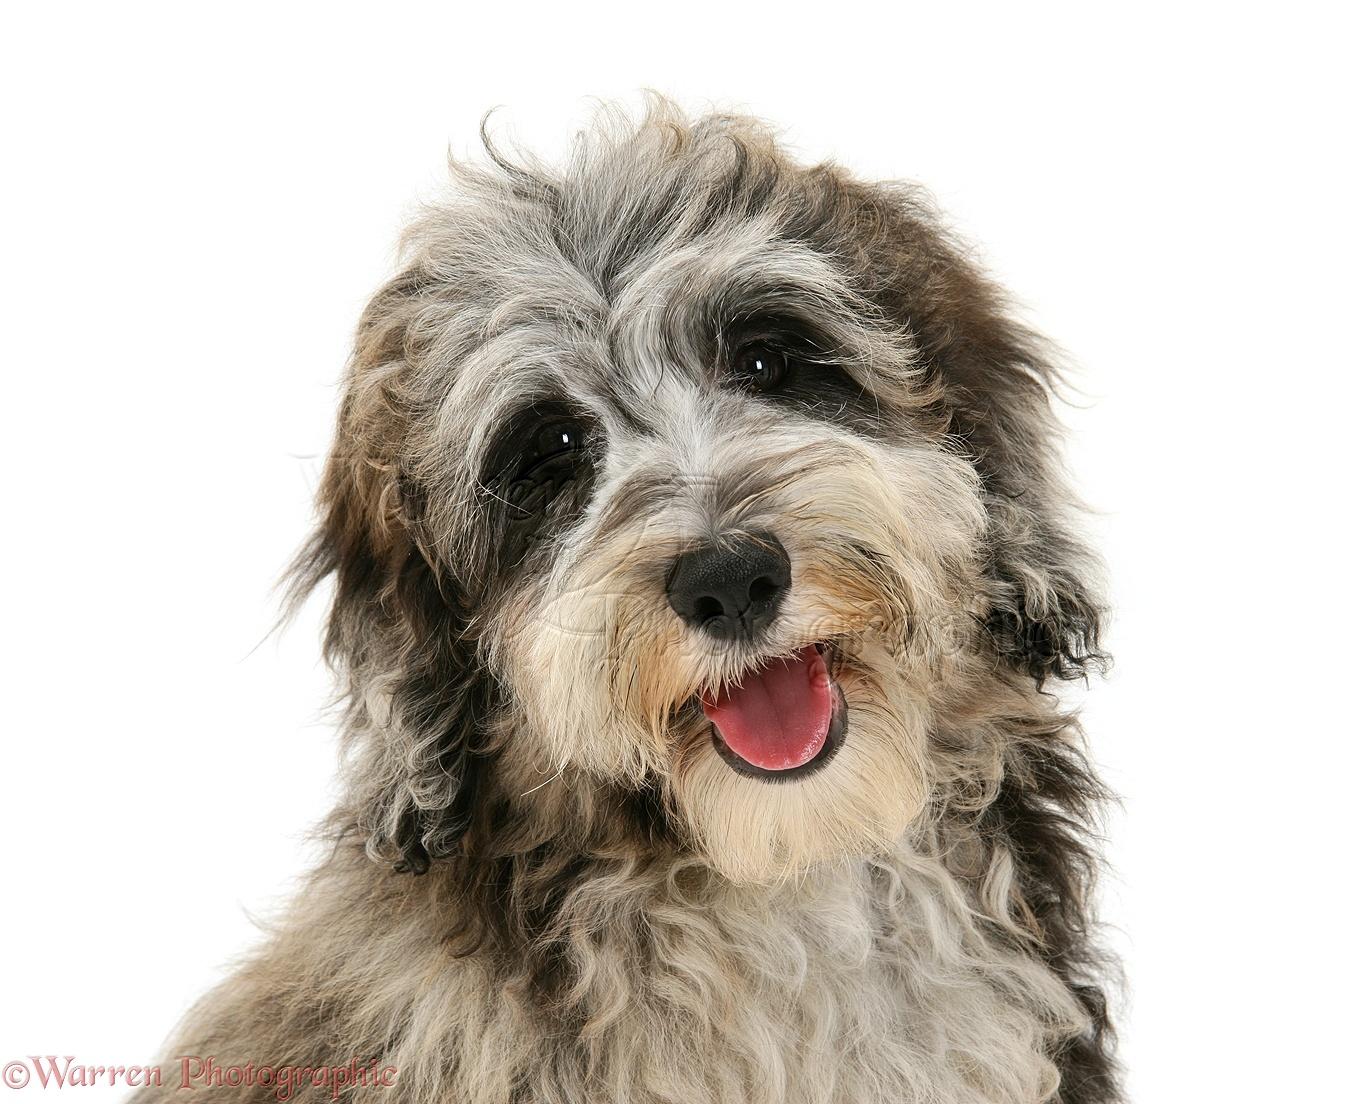 Dog Breeds Photography